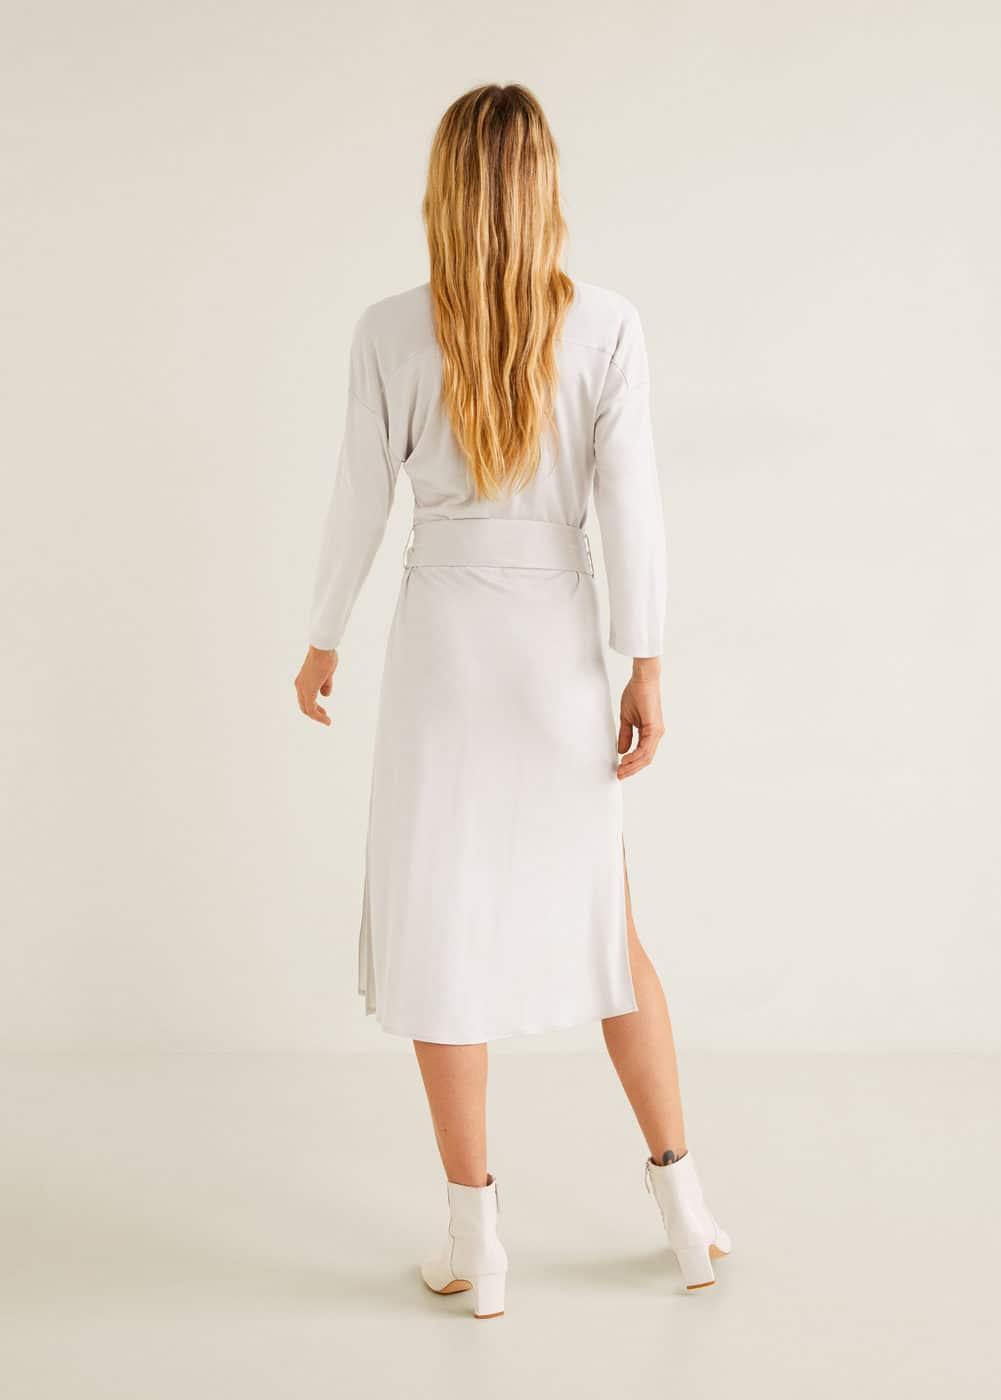 Mango - Kleid mit Taillenabnähern - 3